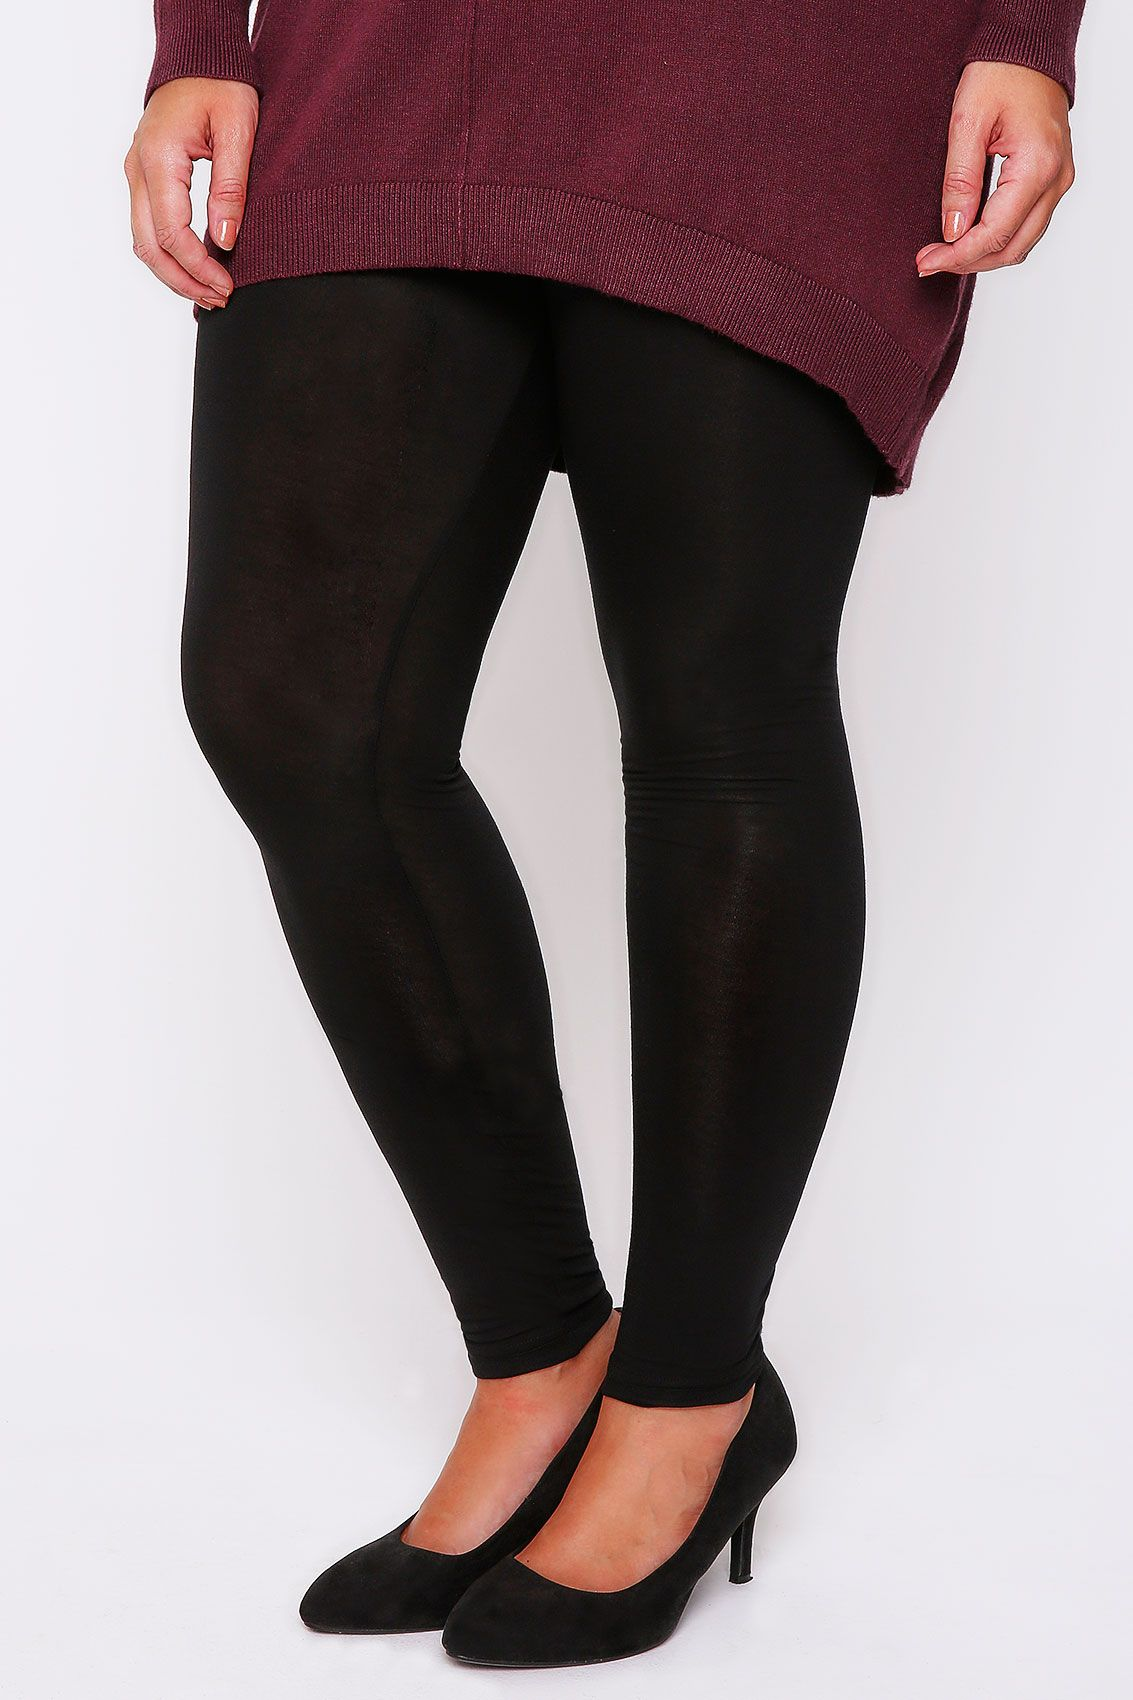 617a4ff996d97 Black Viscose Elastane Full Length Leggings